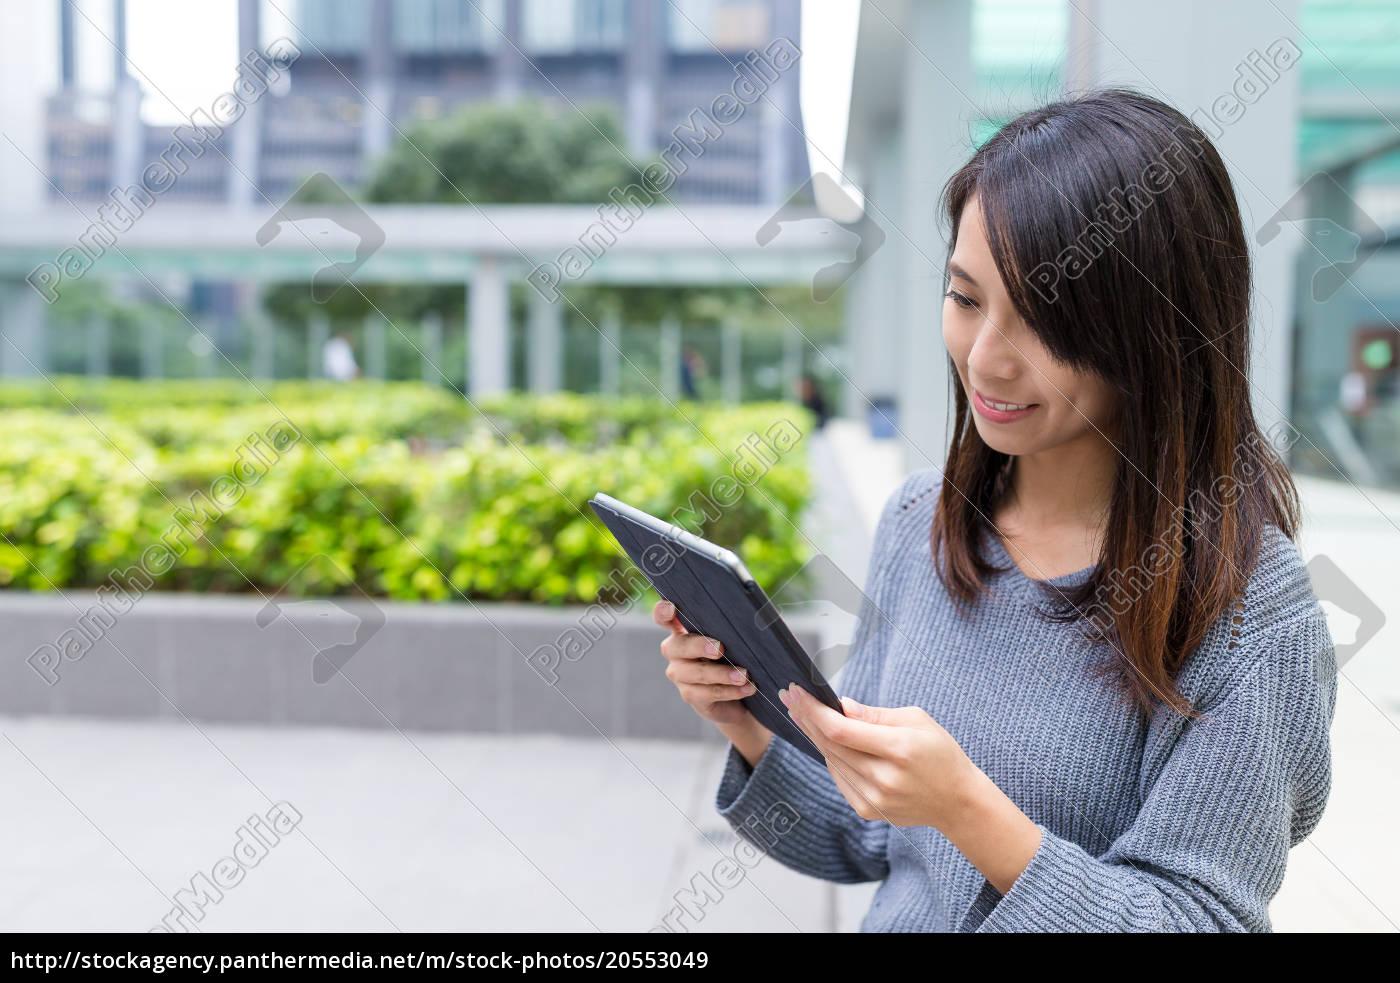 woman, looking, at, digital, tablet, at - 20553049